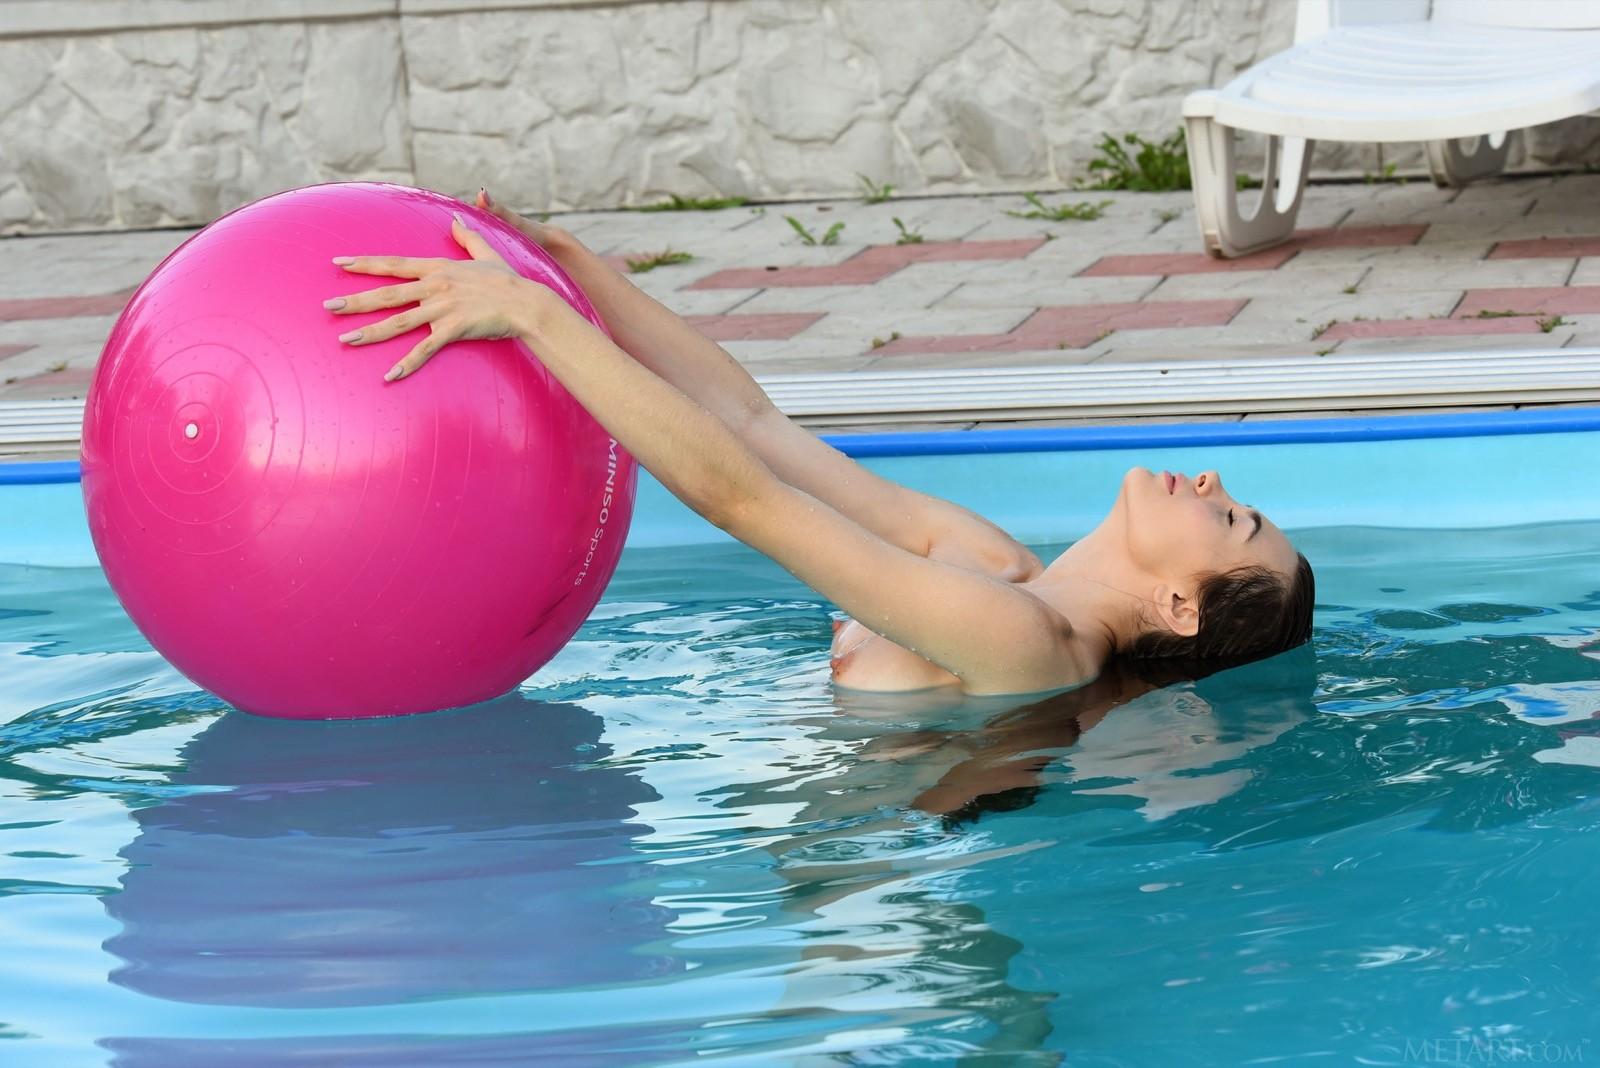 Голая девушка с надувным шаром в воде - фото